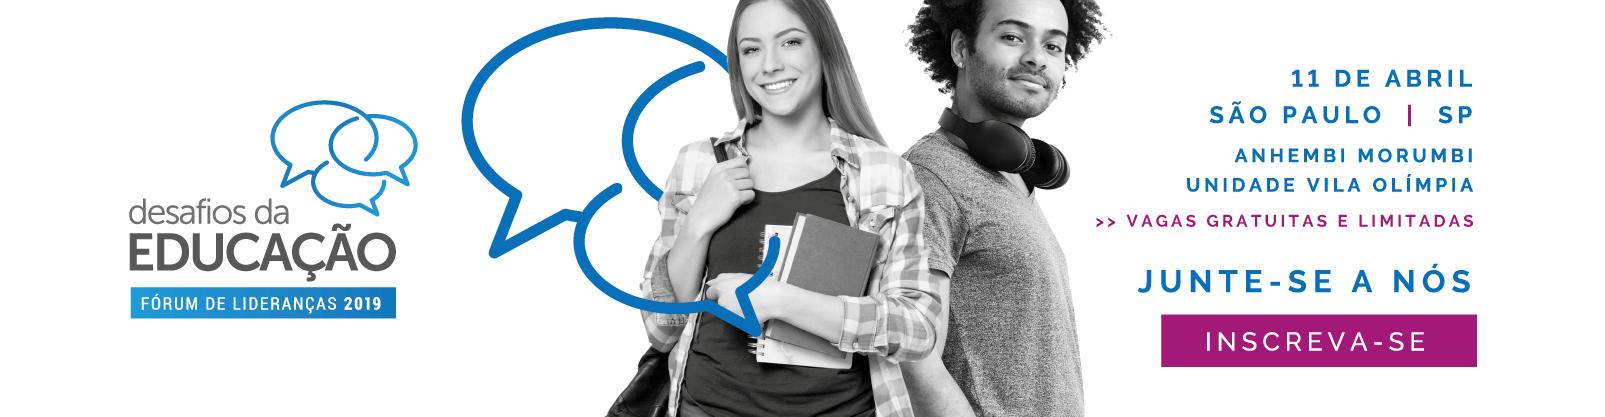 Fórum de Lideranças: Desafios da Educação 2019 - Inscreva-se gratuitamente!